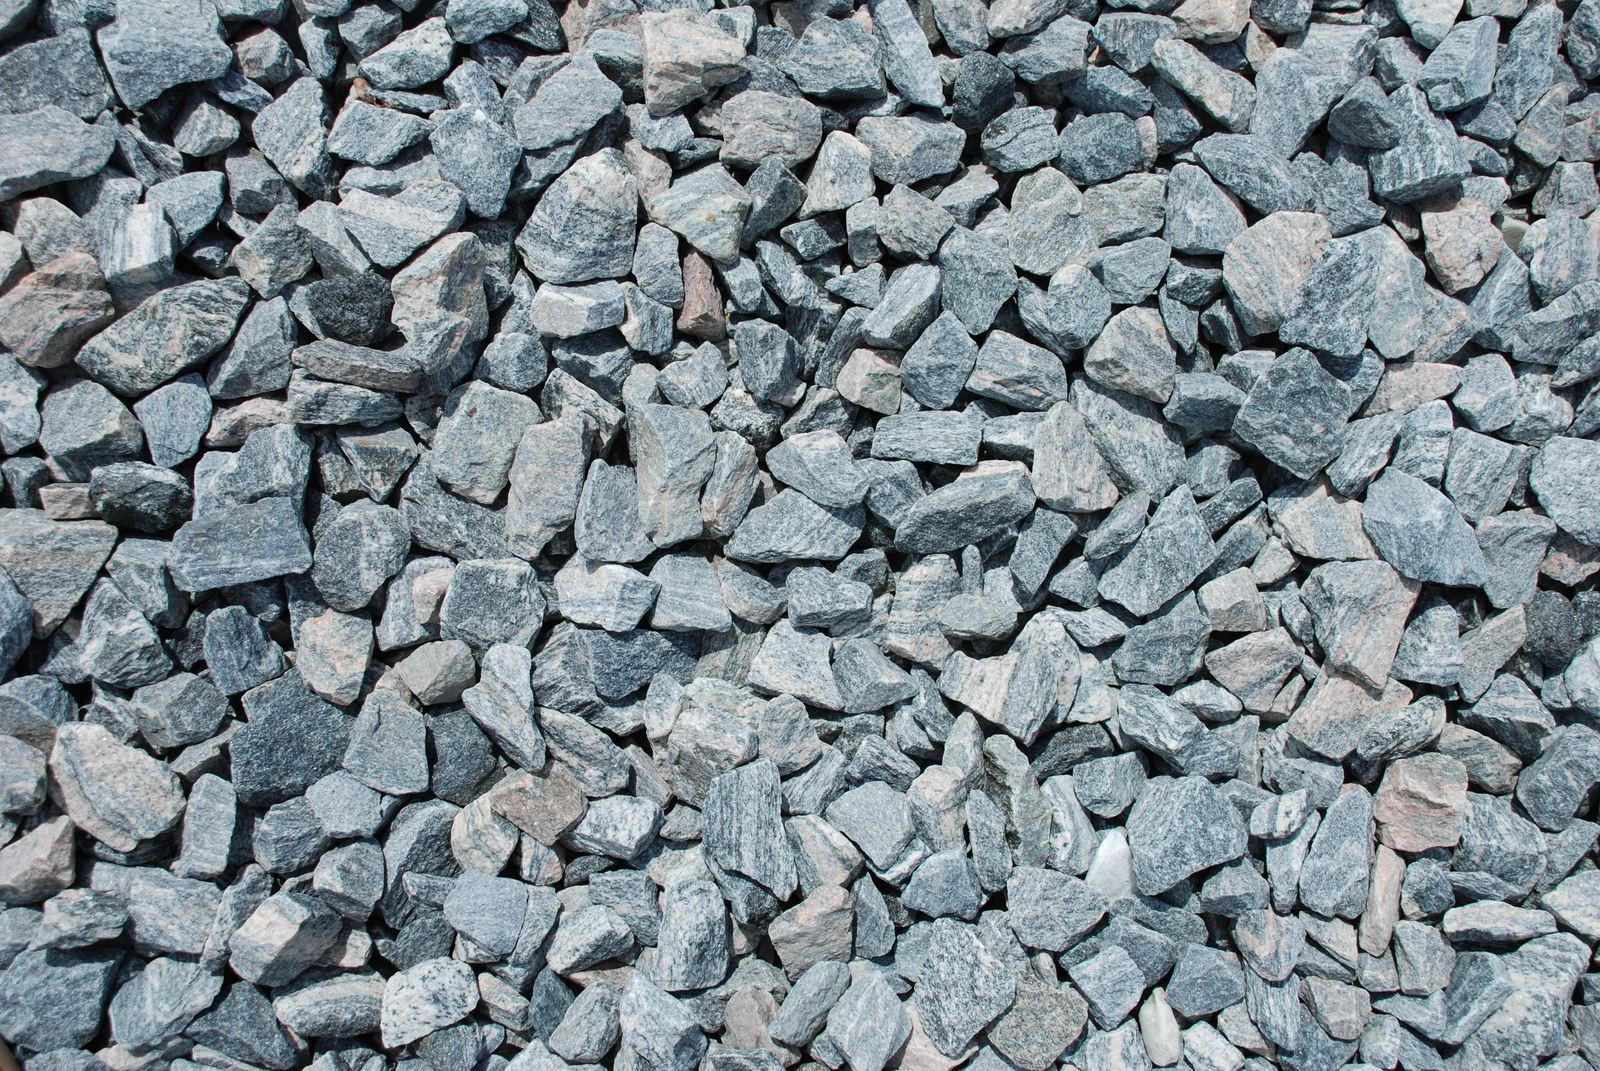 Free materiales de construcci n piedras stock photo - Piedras para construccion ...